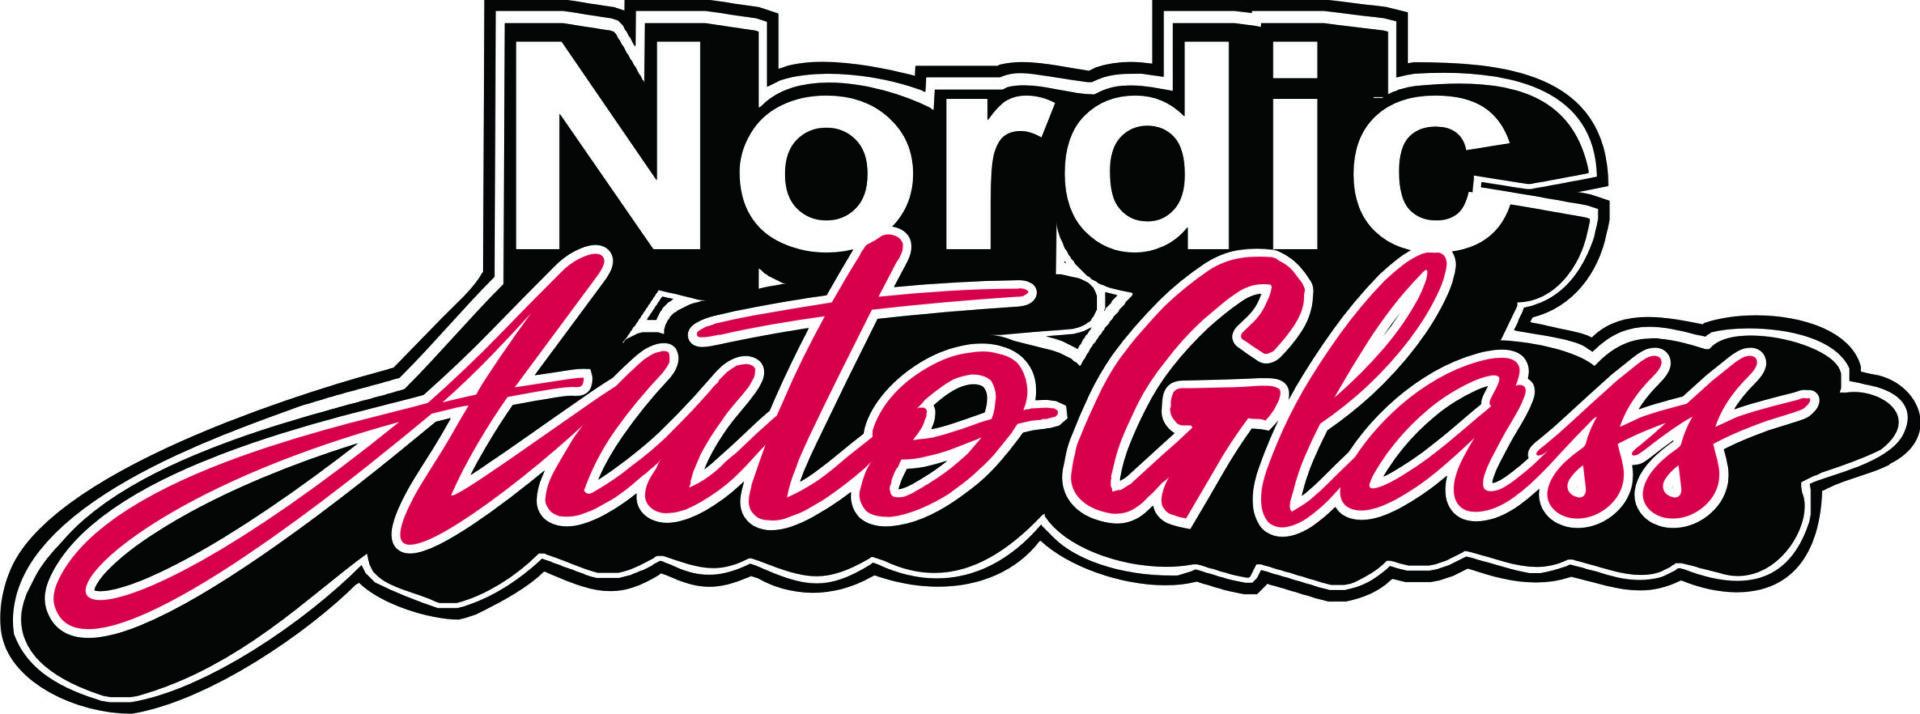 nordic new logo 2019